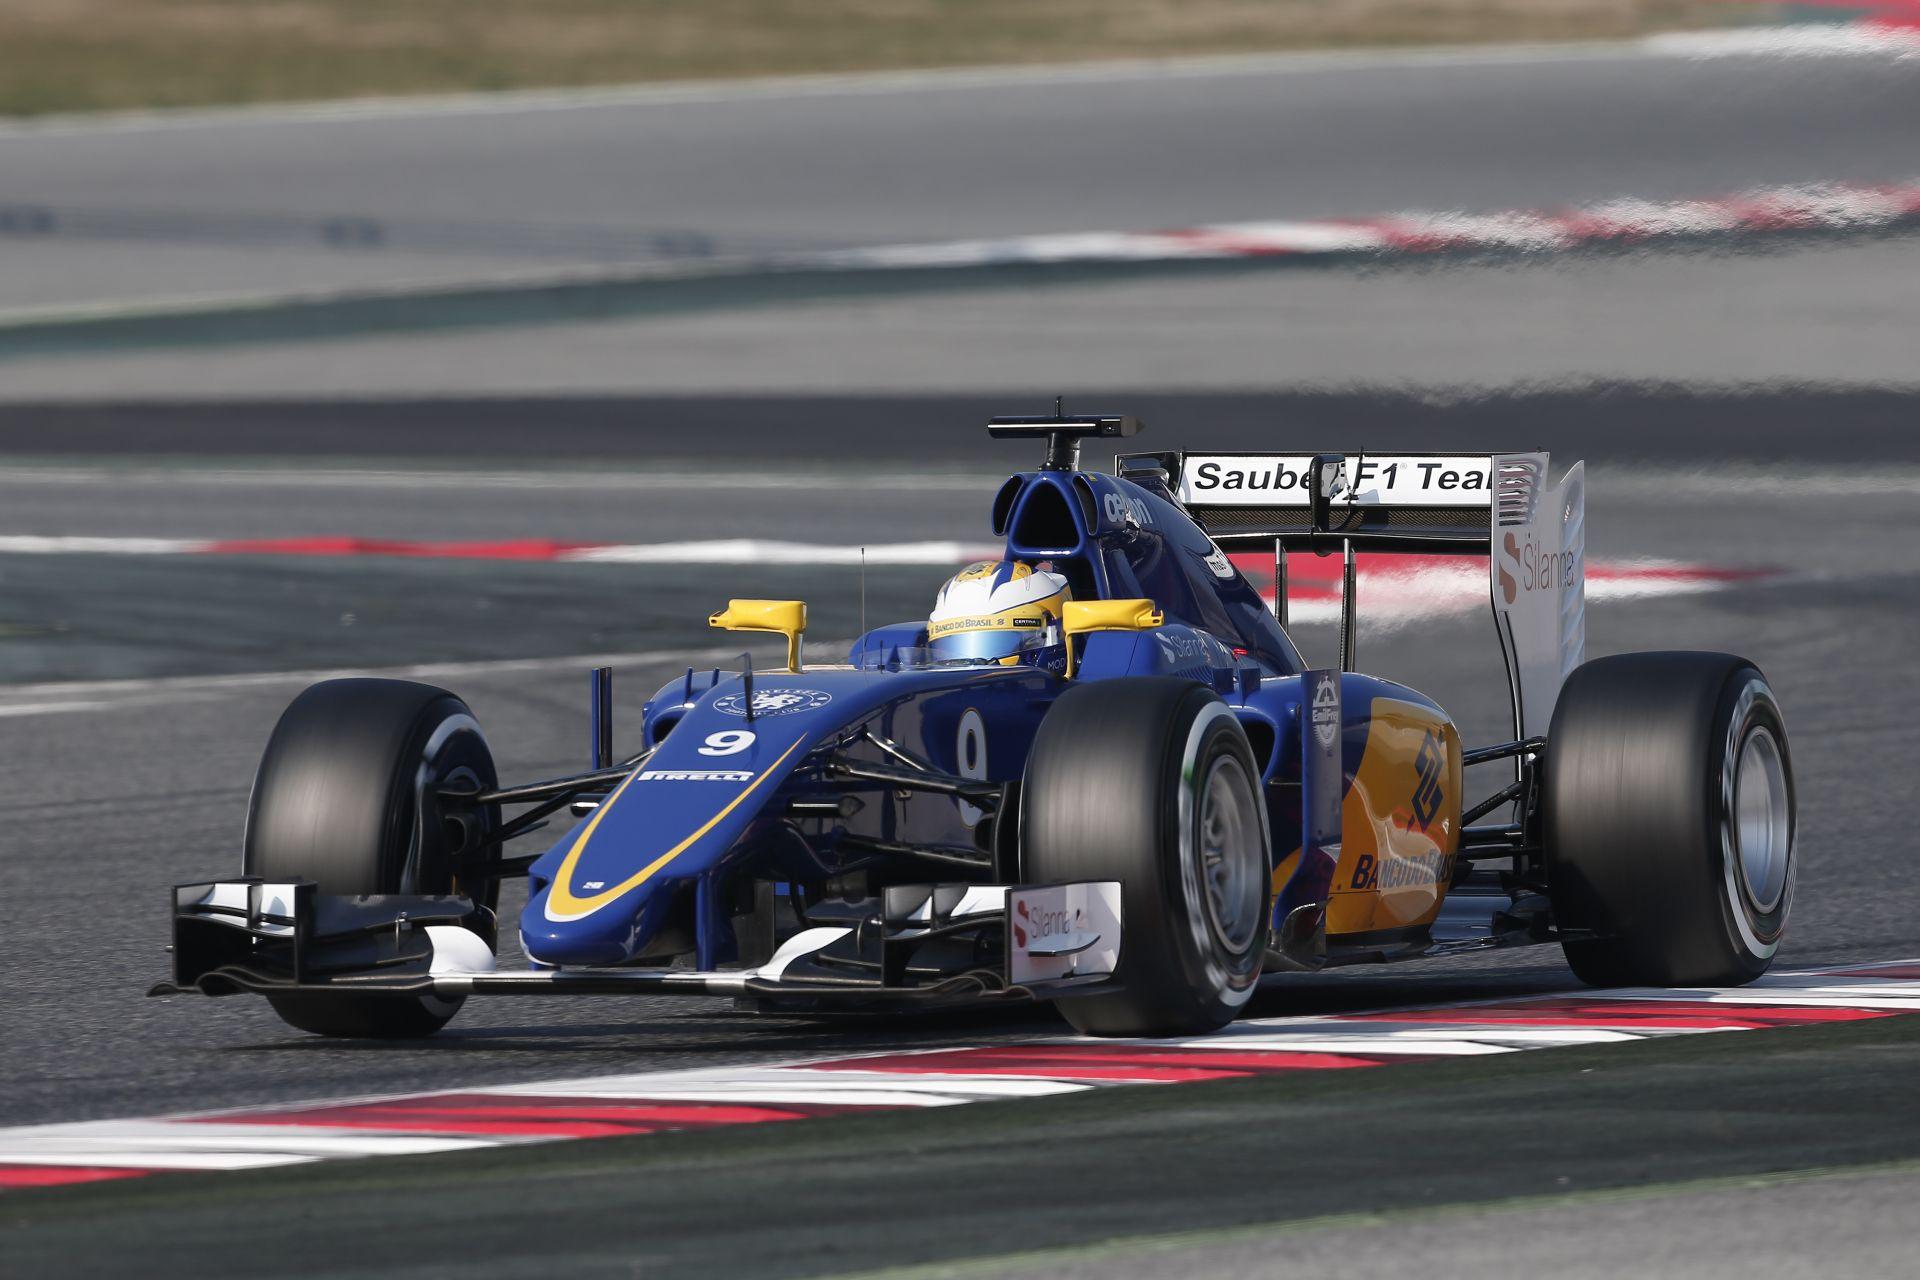 A végrehajtók megérkeztek a Sauberhez, letartóztathatják a női csapatfőnököt